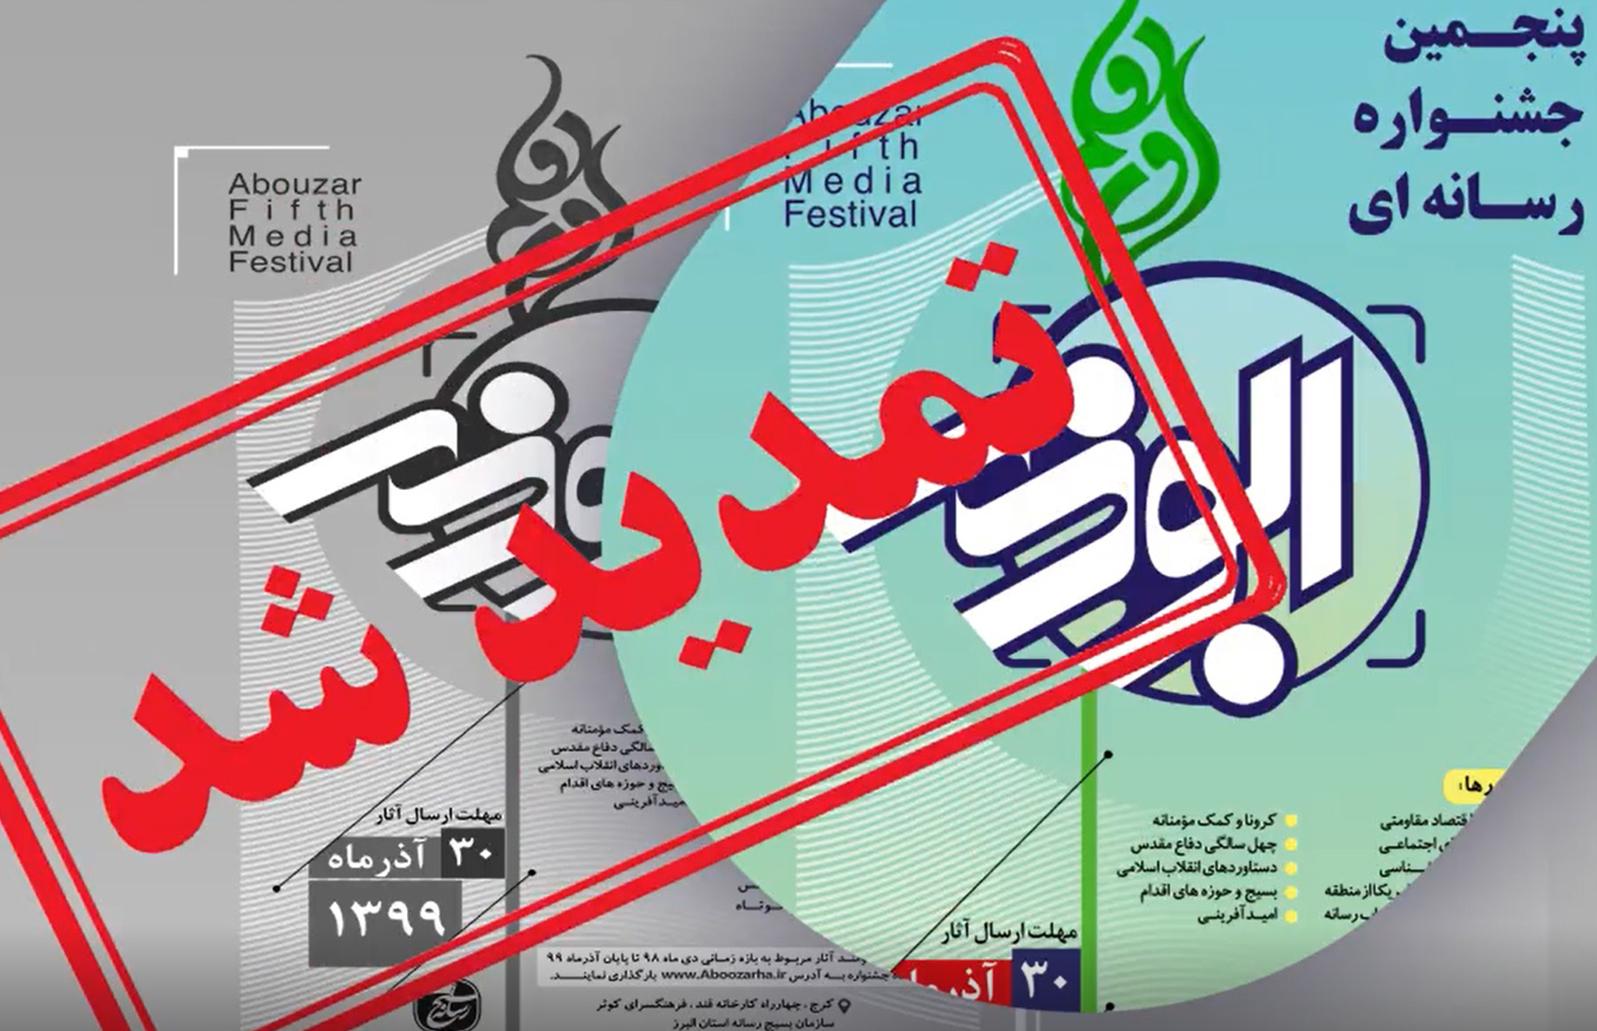 مهلت ارسال آثار به جشنواره ابوذر البرز تمدید شد